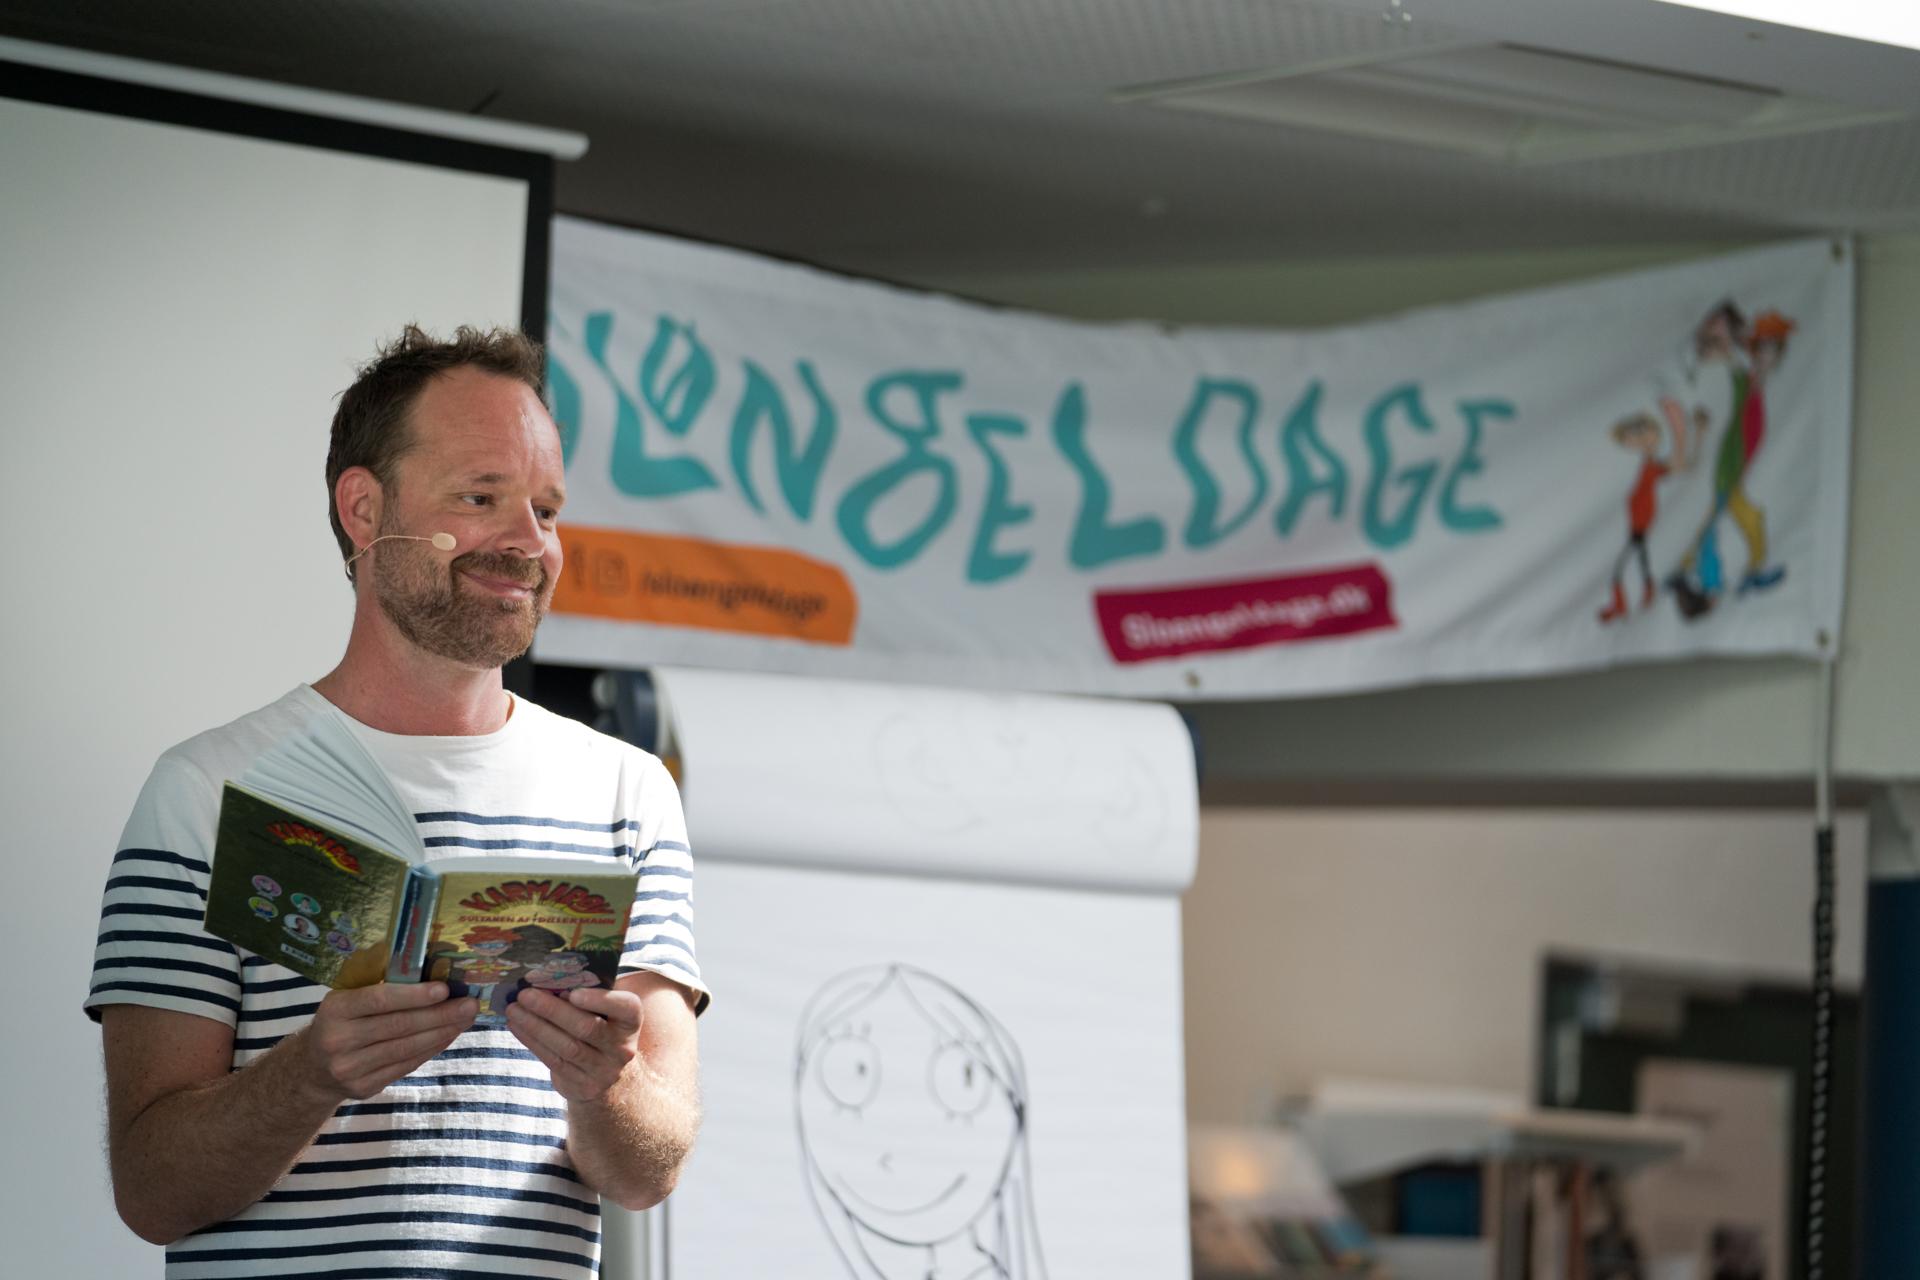 Sløngeldage lørdag - web - Fotograf Per Bille-20190525-04736.jpg